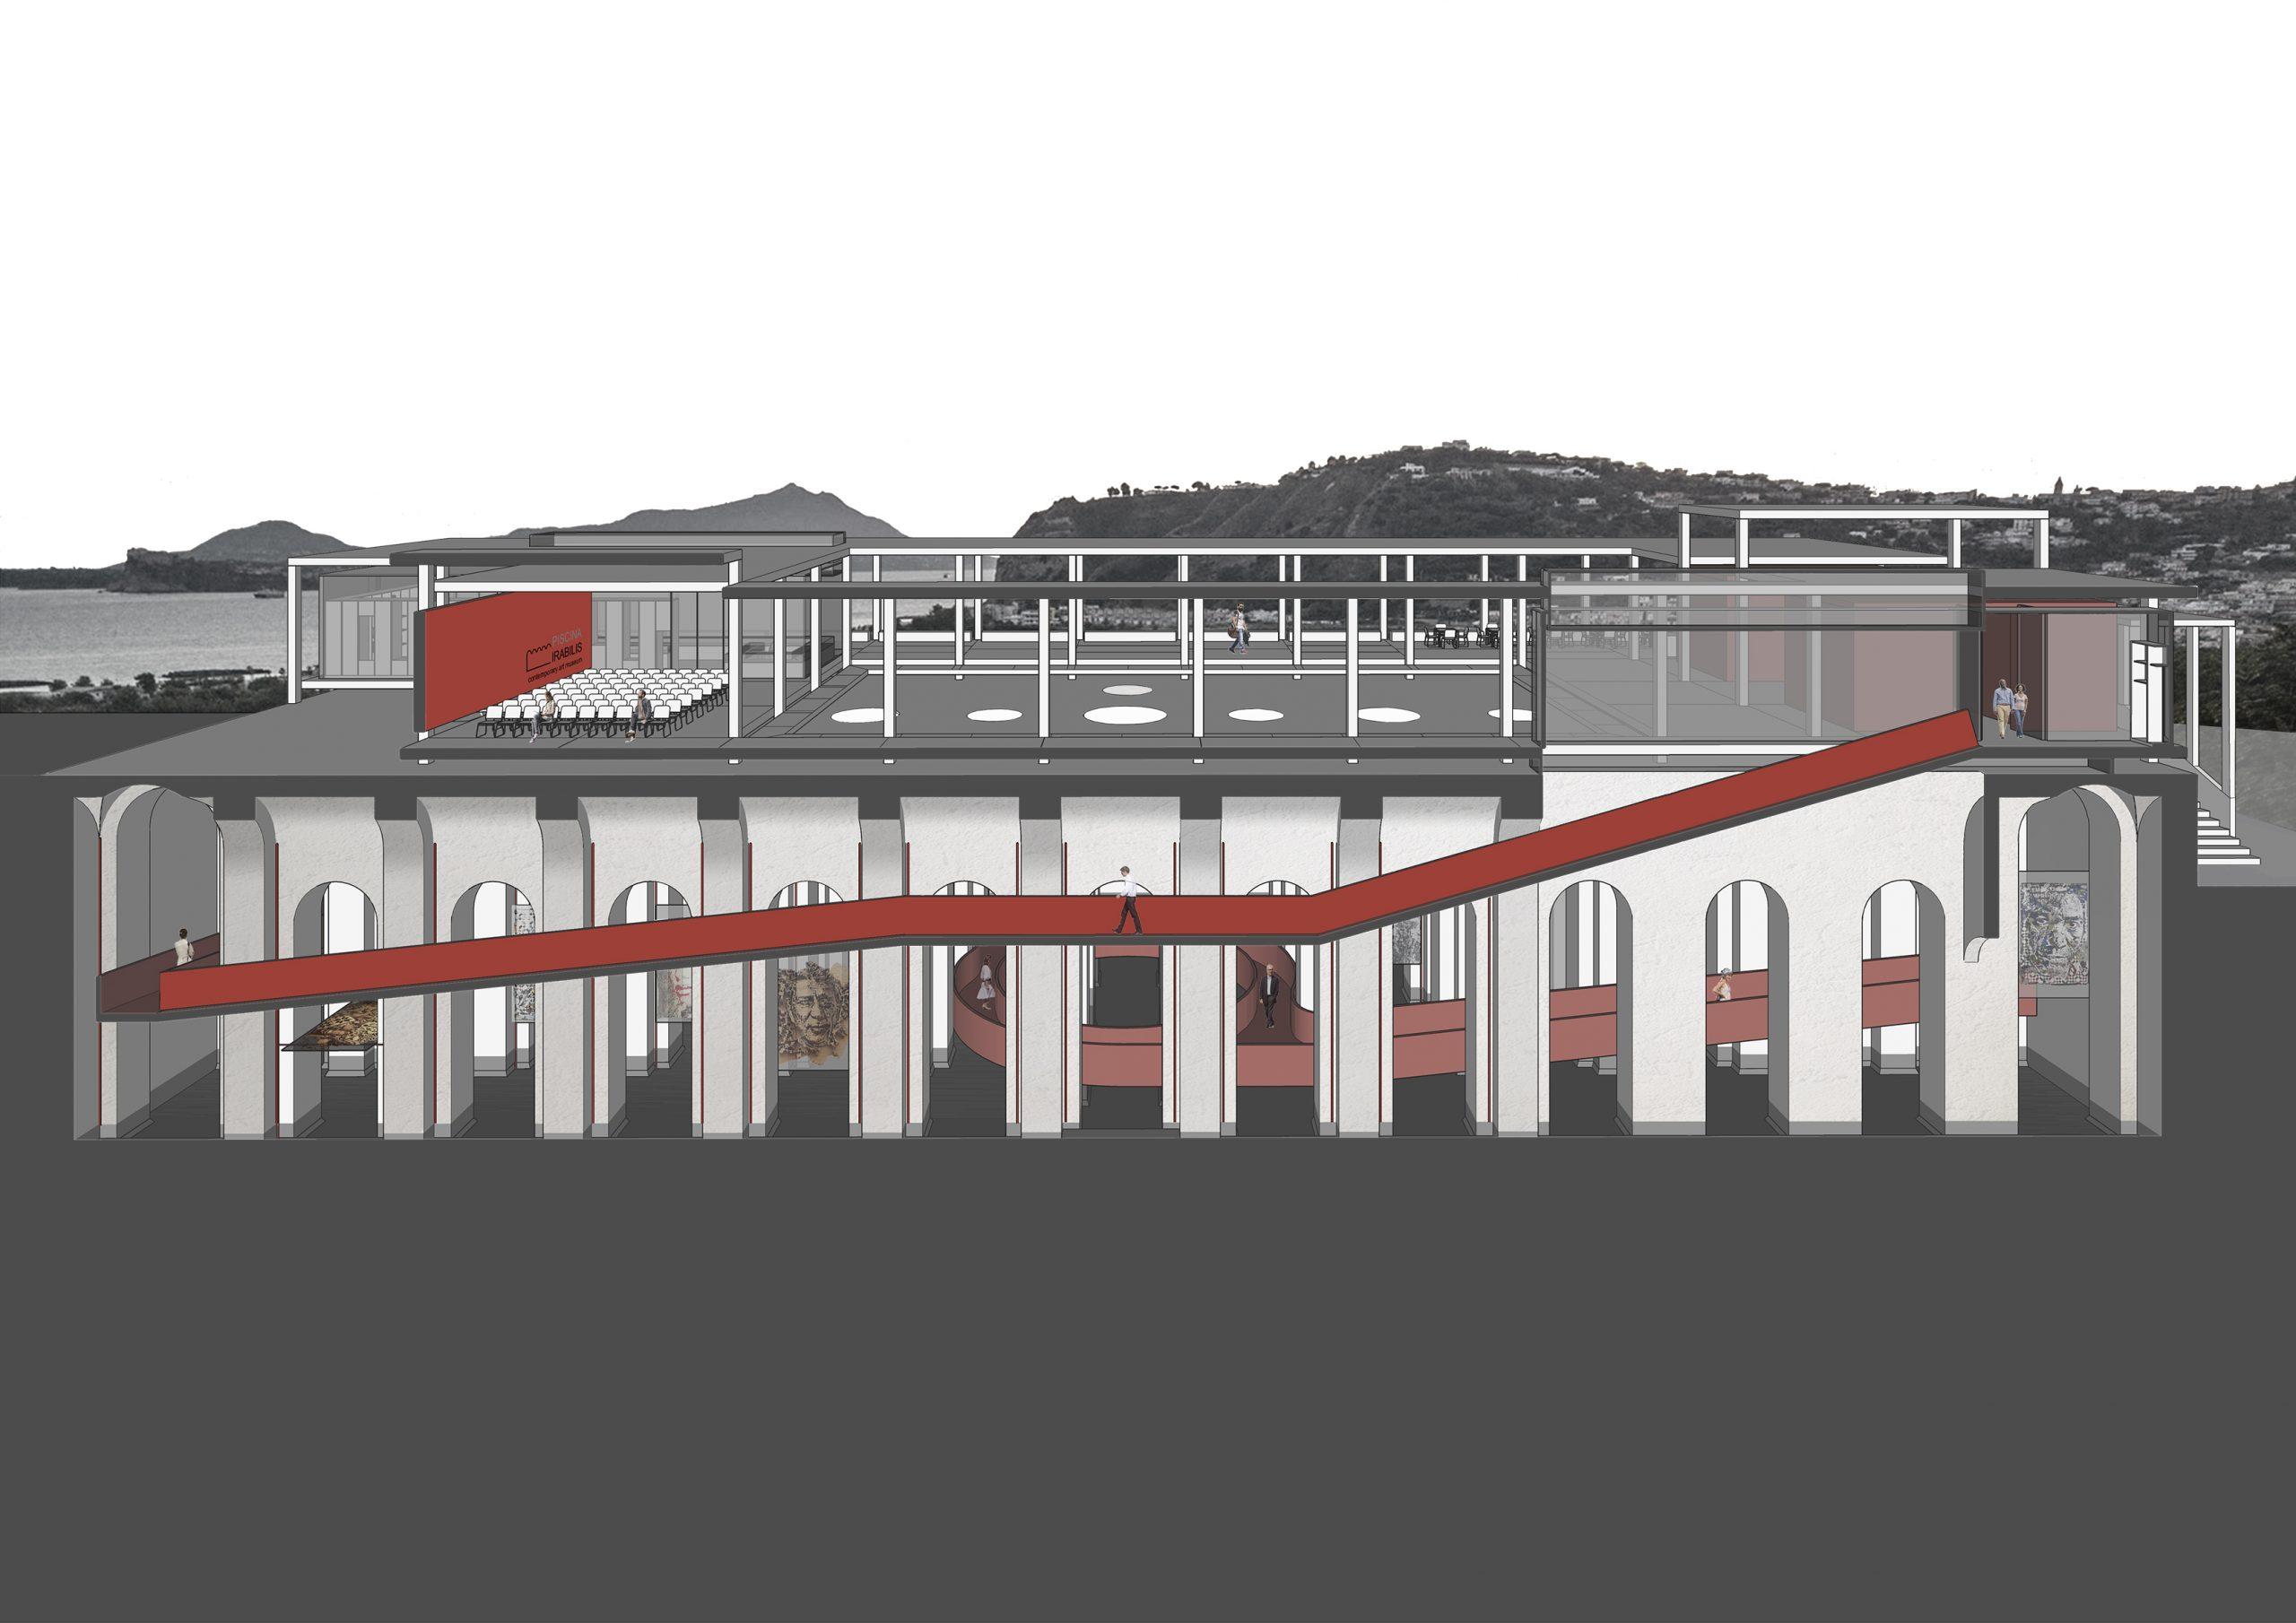 daniel pires arquitecto lisboa piscina mirabillis architecture contest